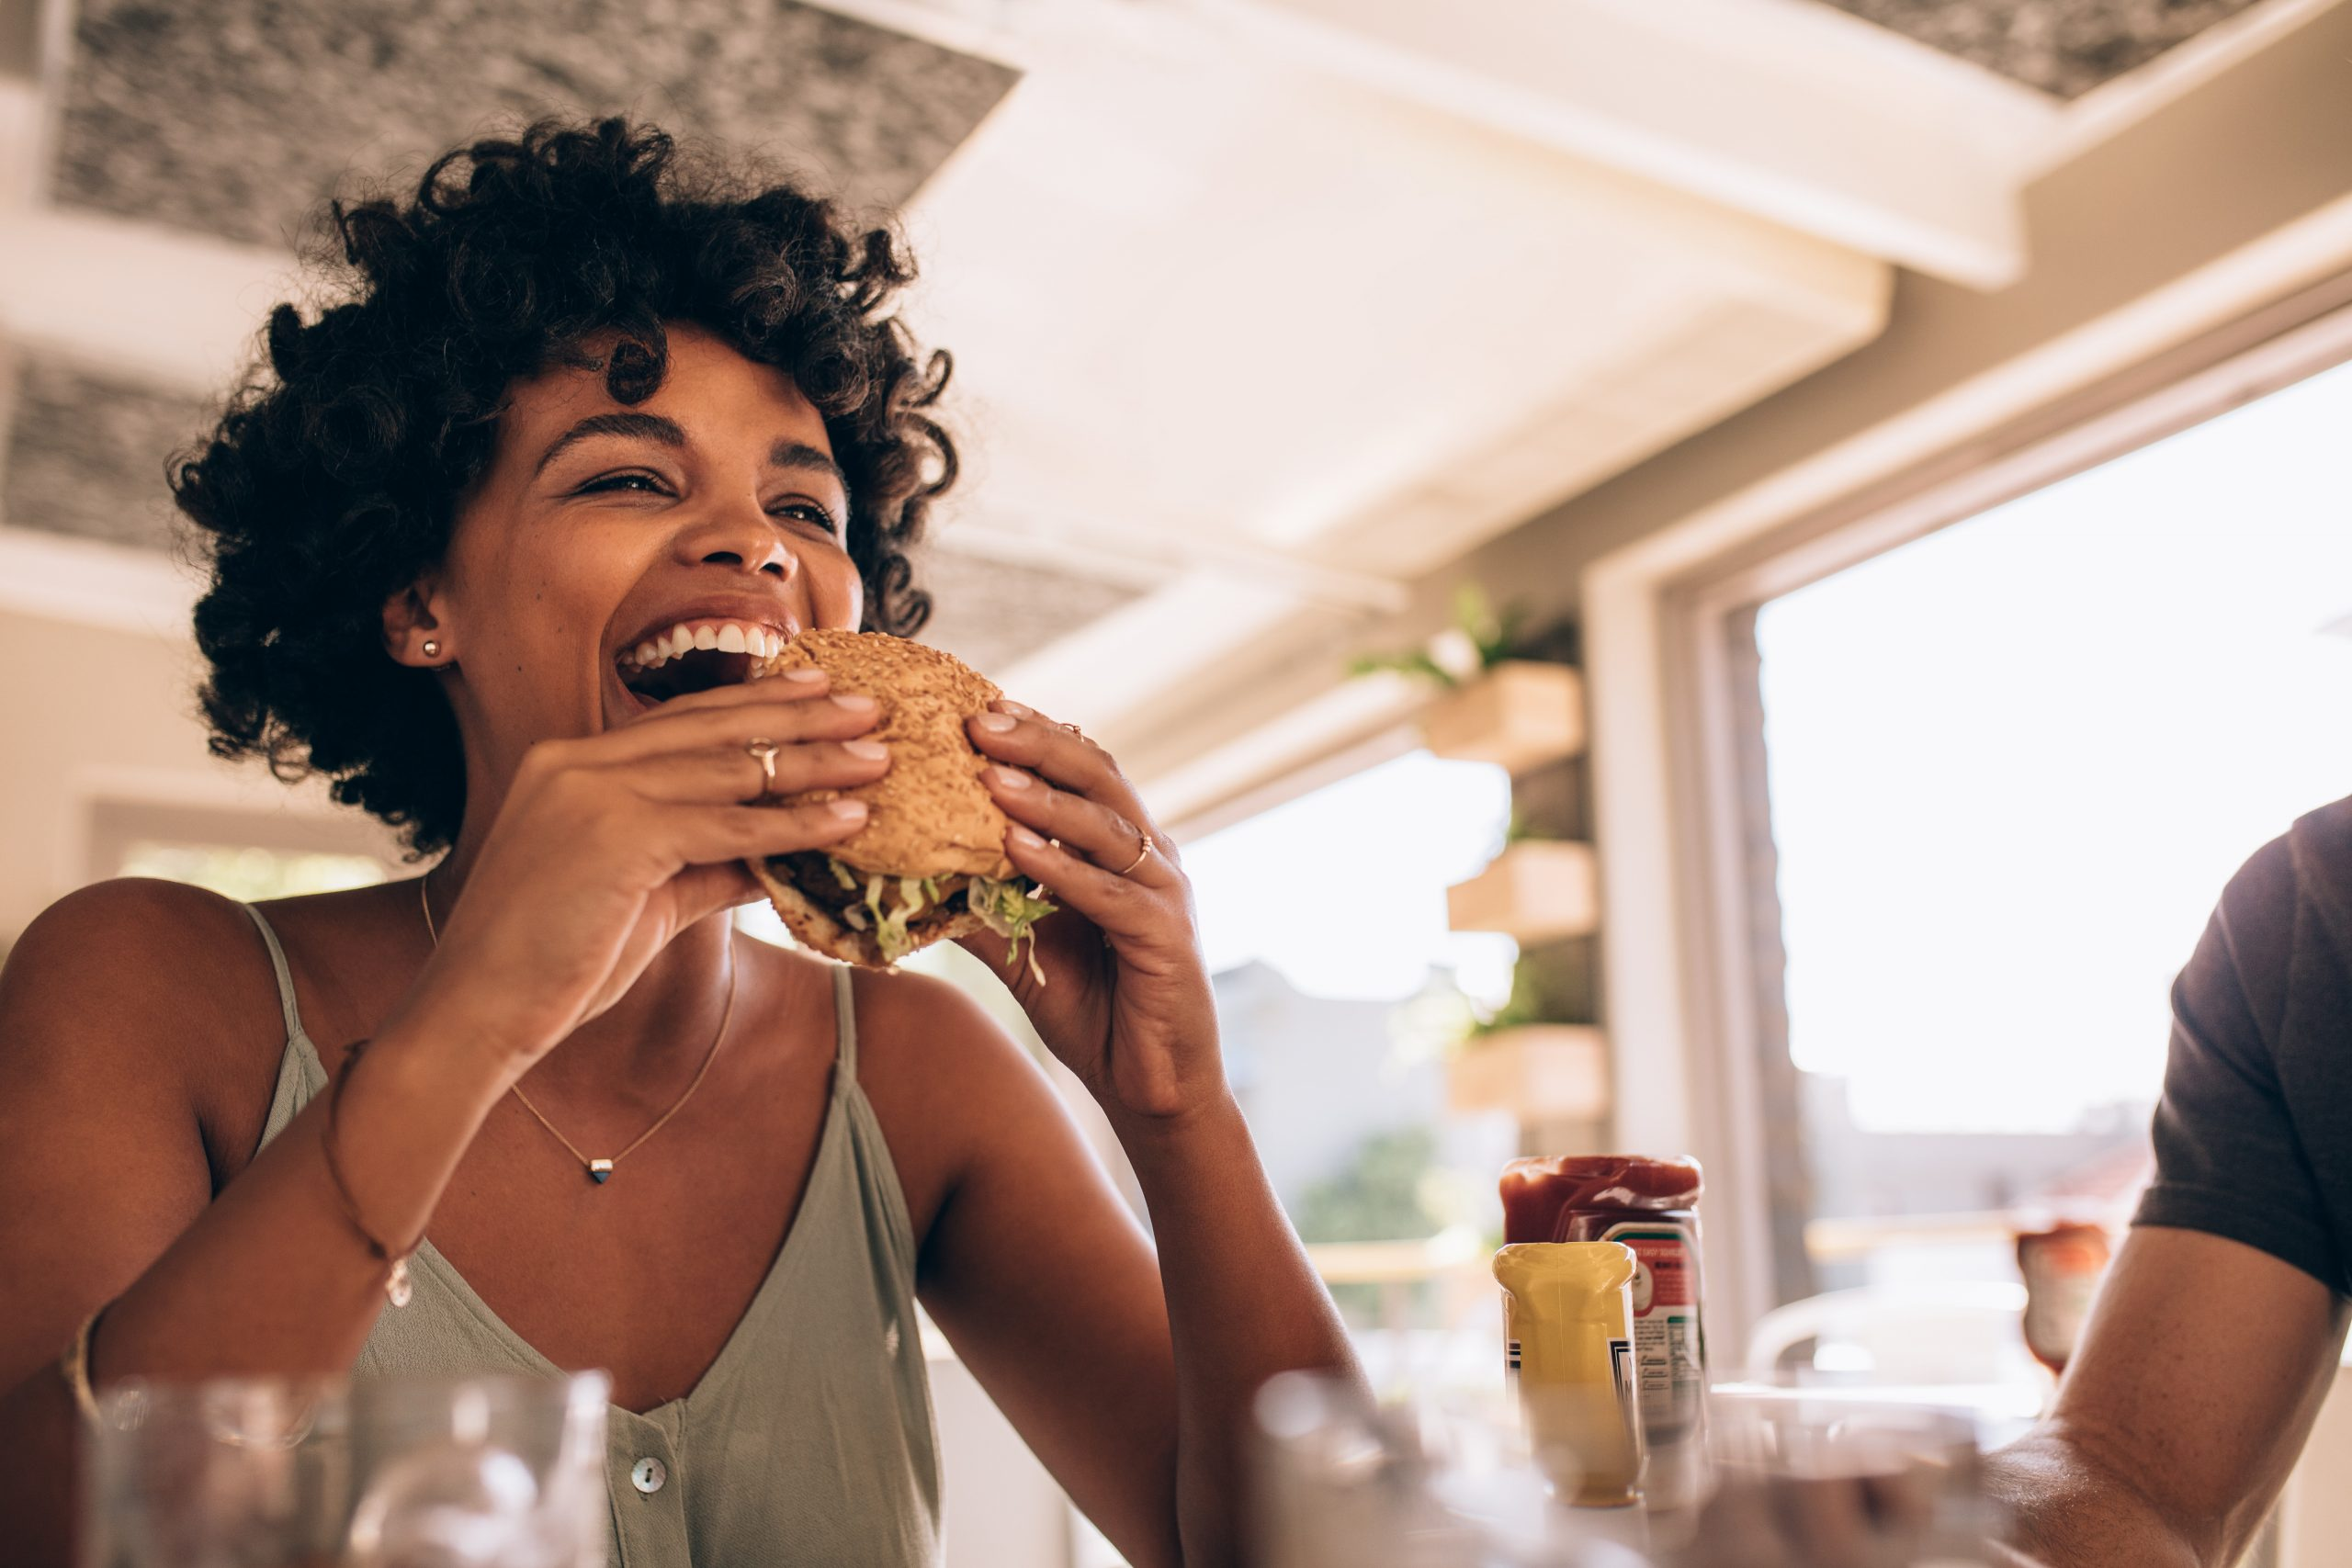 Black woman eat